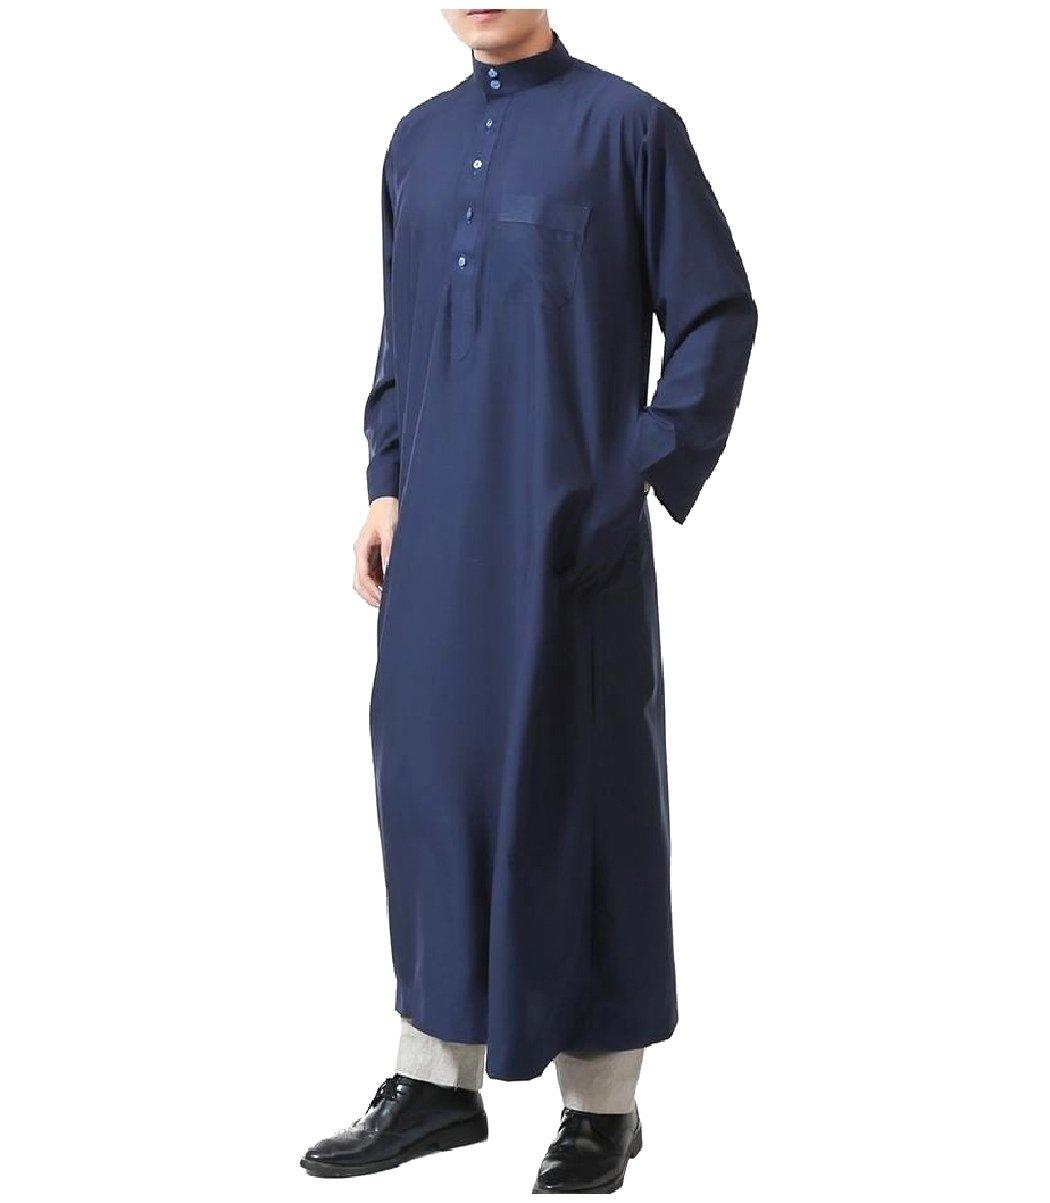 Coolred Men Pockets Pure Colour Islamic Button Muslim Thobes Dishdasha Navy Blue 56